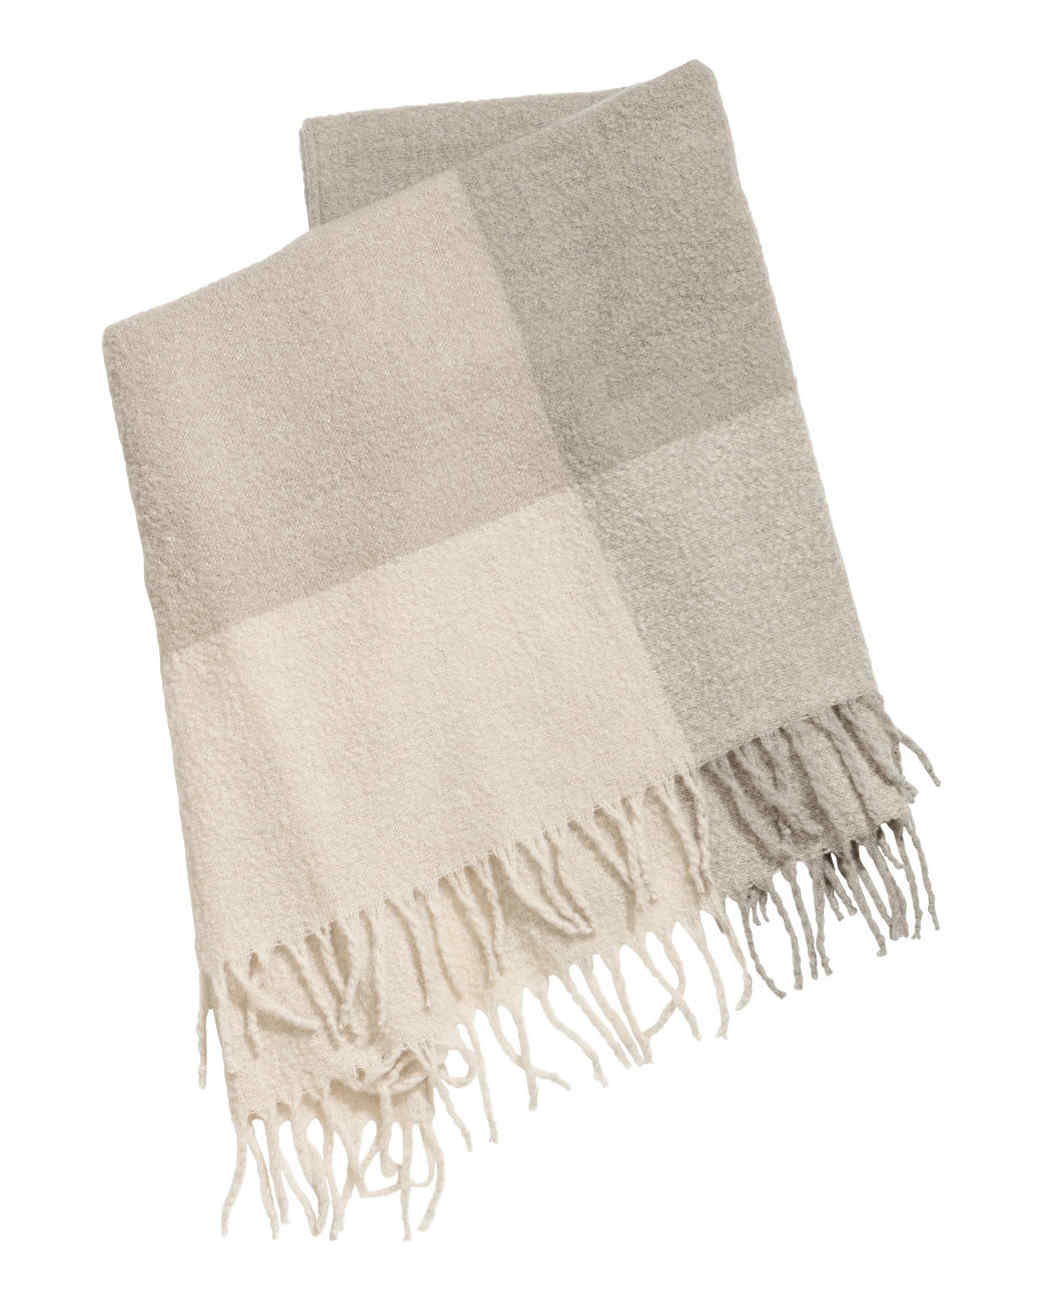 hm blanket